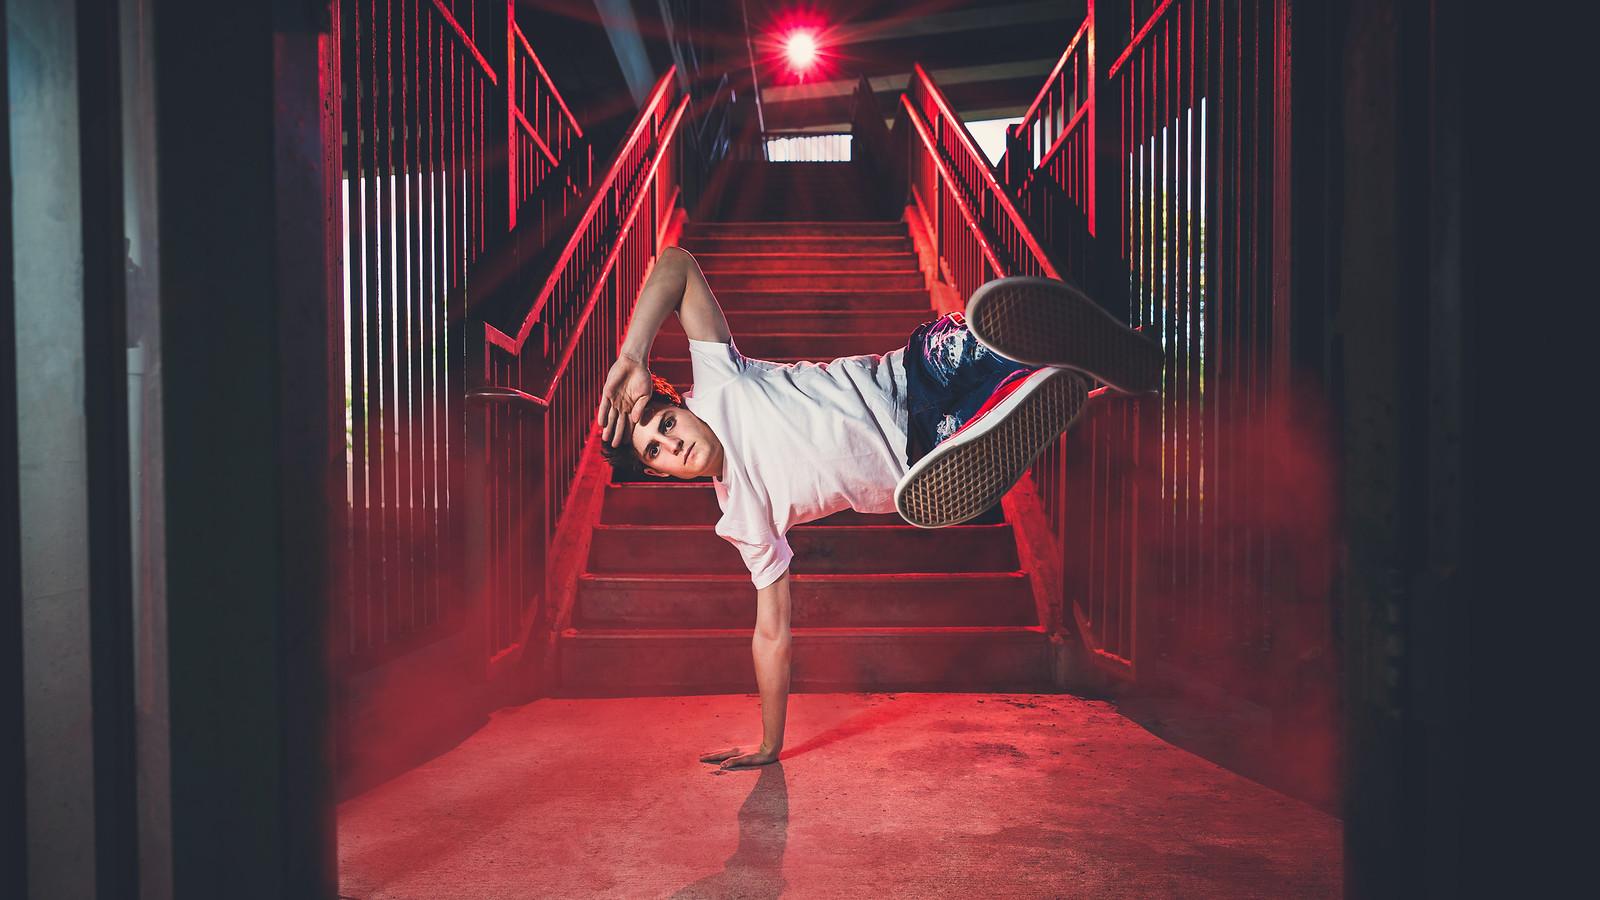 adam-szarmack-jacksonville-dance-photography-7.jpg